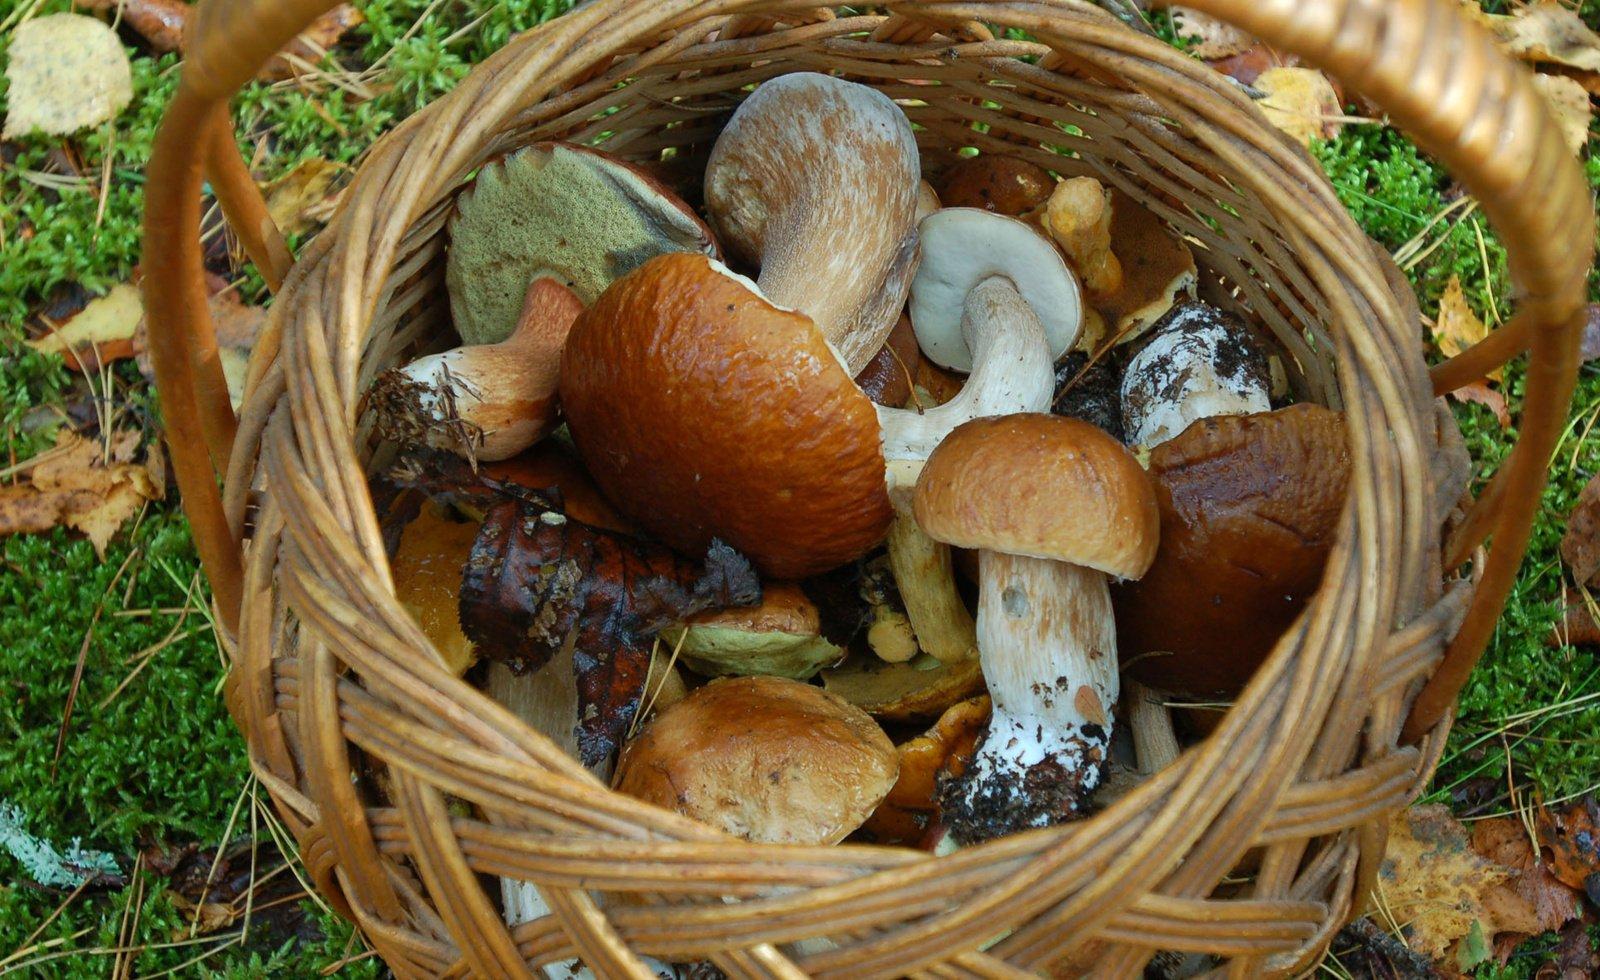 Penki patarimai pradedantiems grybautojams: kaip būti saugiems miške